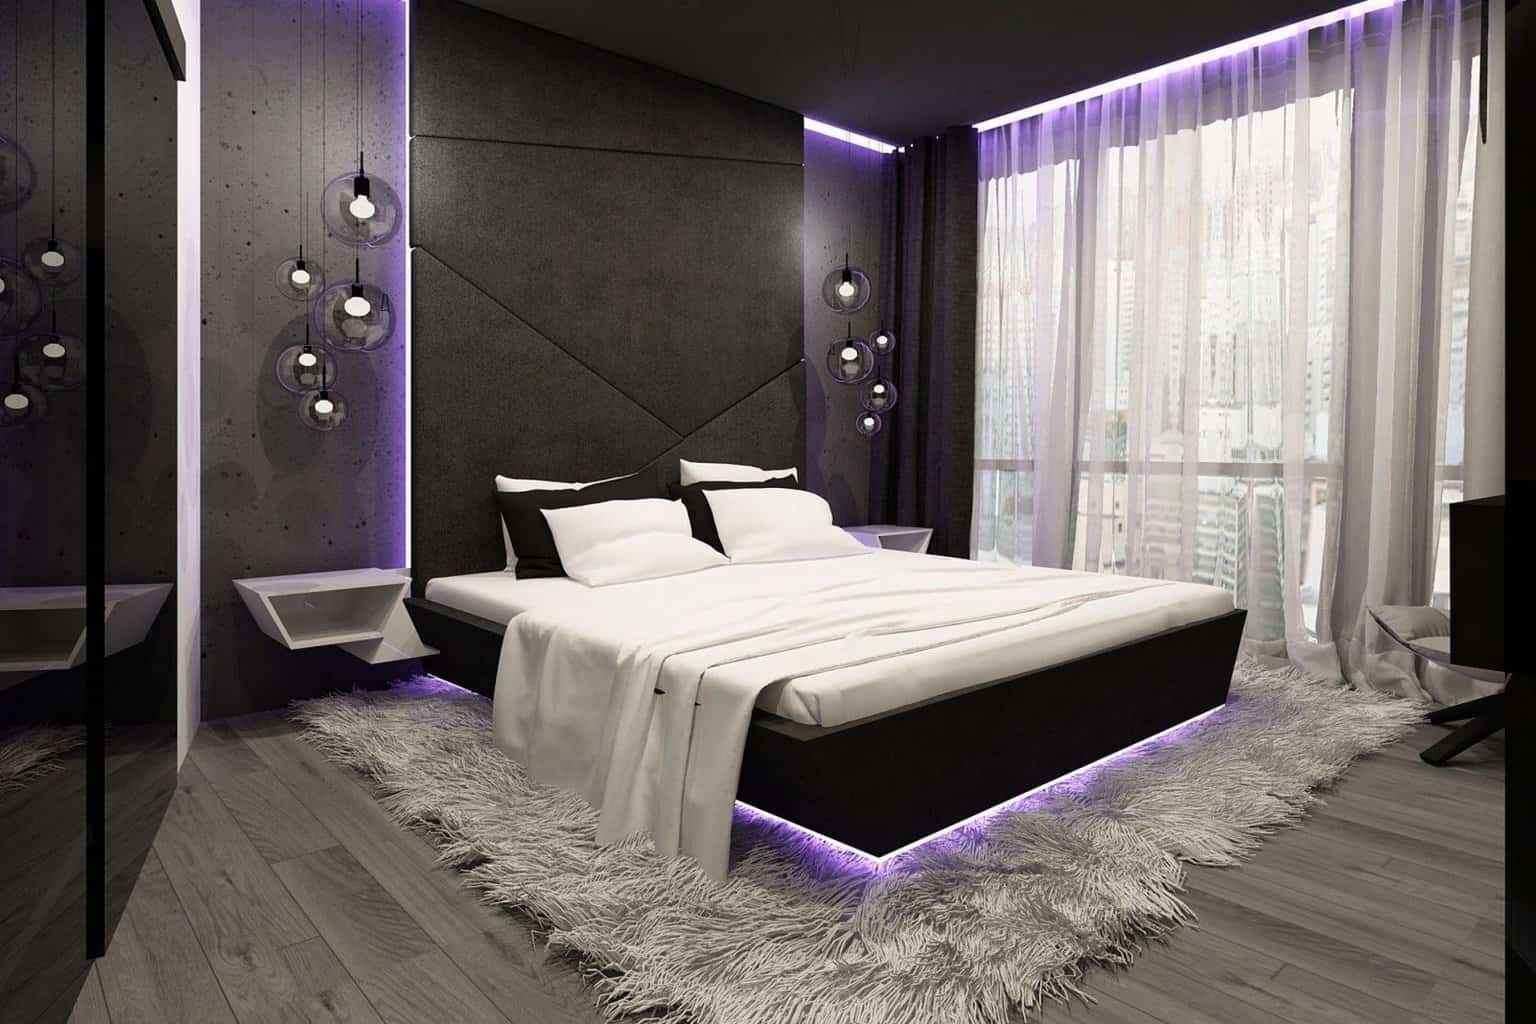 Дизайн спальни в стиле хай-тек, как показатель вкуса, благополучия и успеха